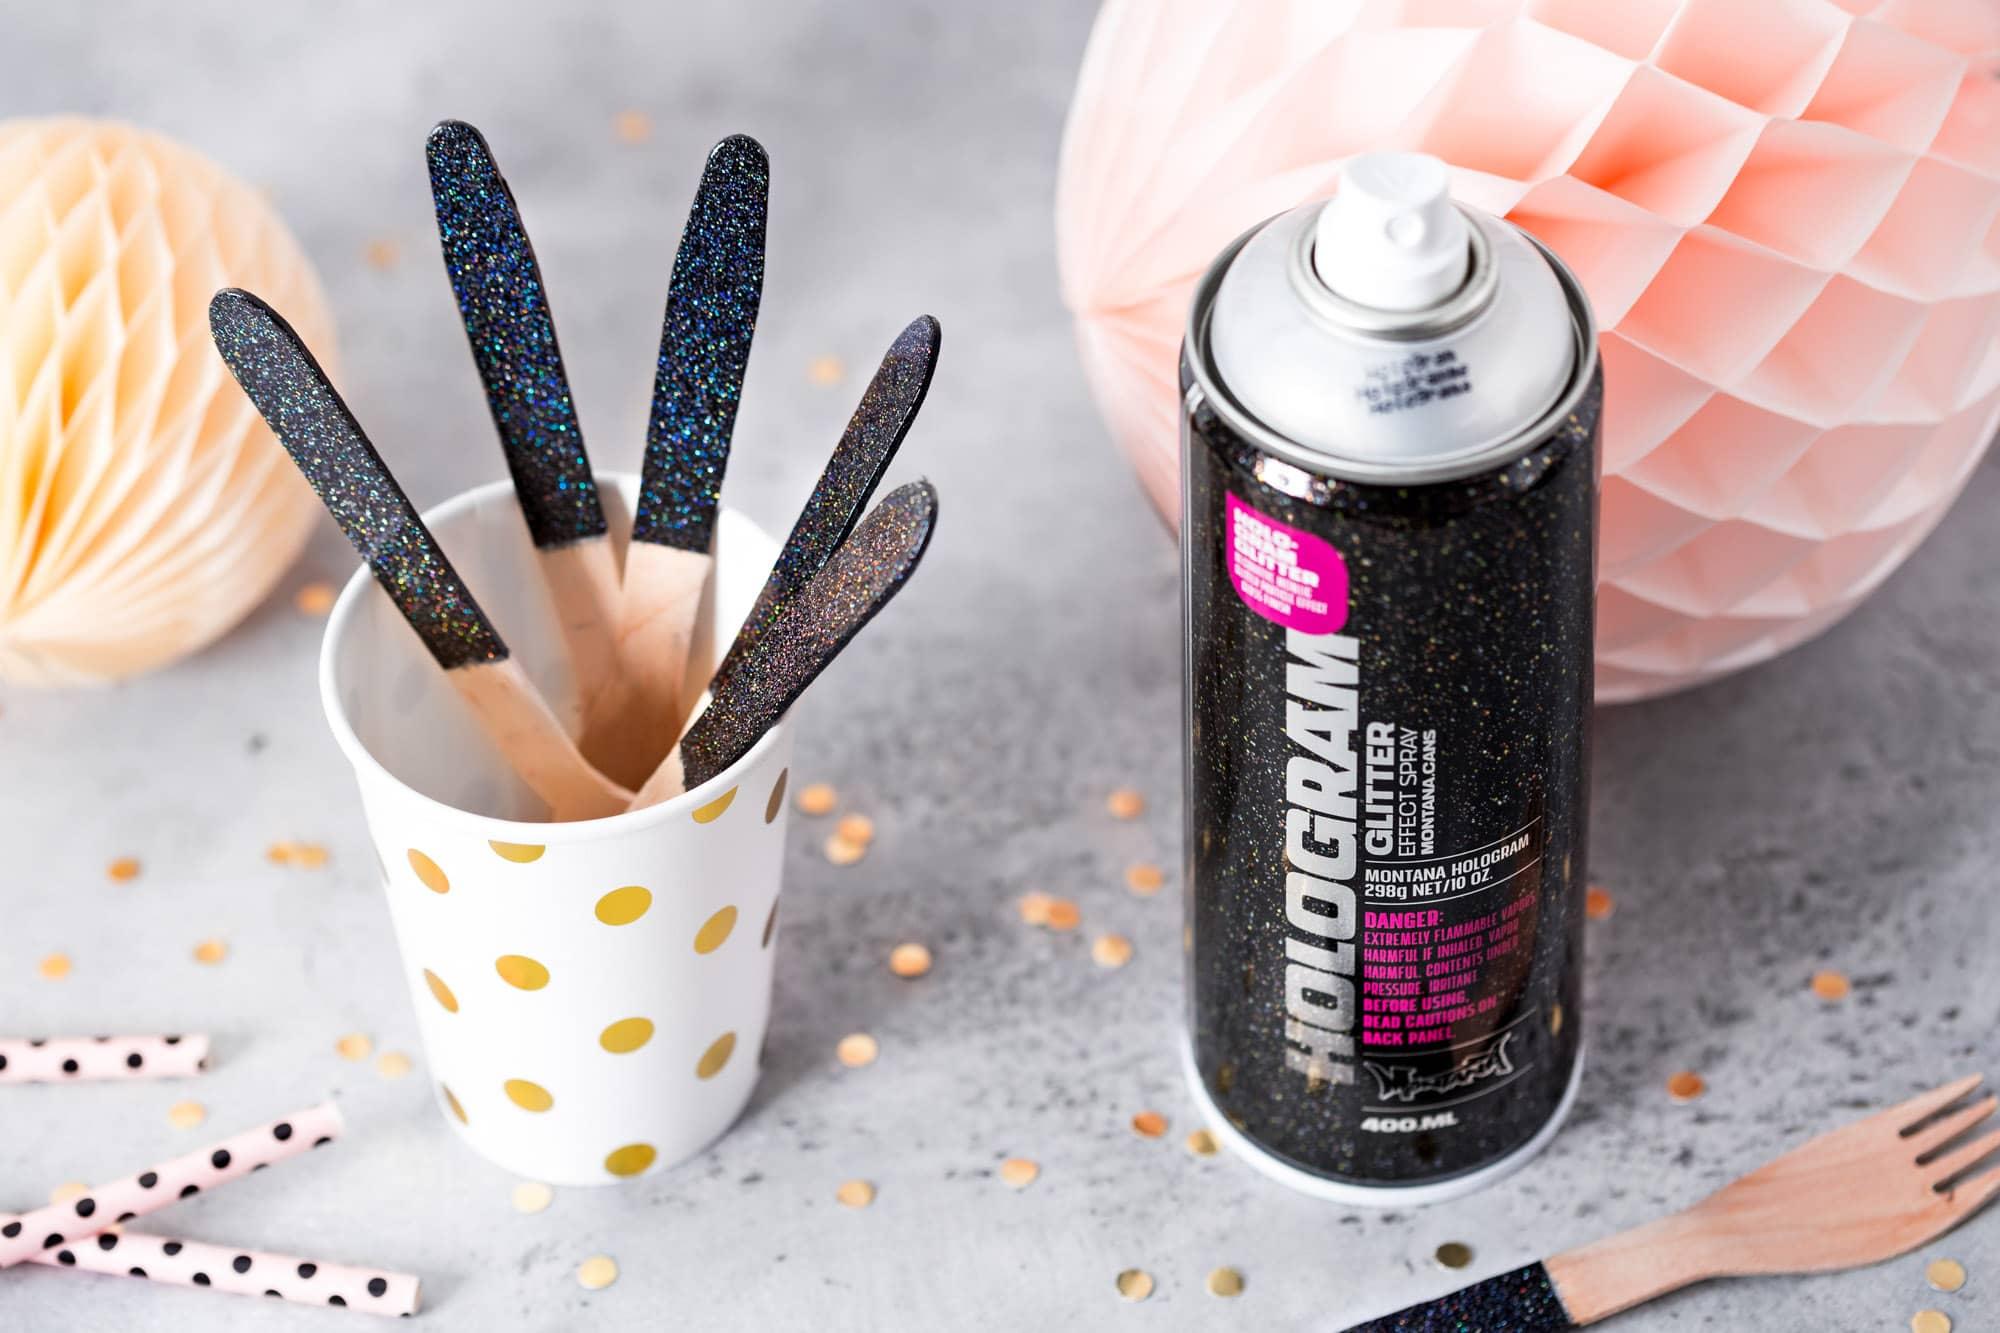 Montana-Cans-GRAM-Glitter-Effect-Spray-DIY_Besteck_Quer_Branding